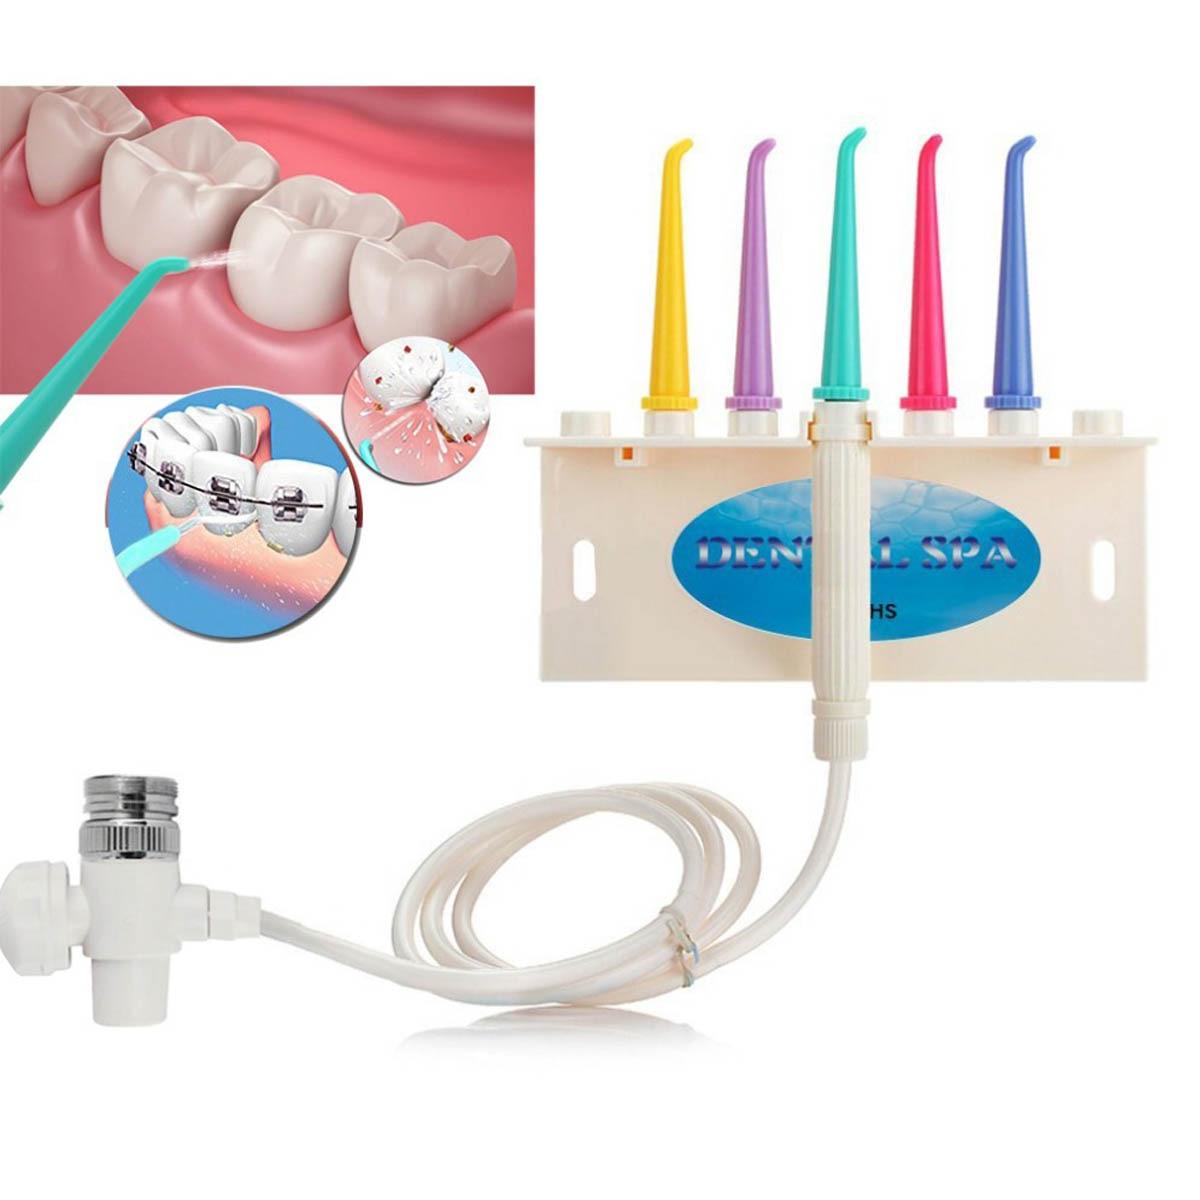 Wasserhahn Wasser Flosser Oral Irrigator Dental Flosser Dental Pinsel Zahn SPA Zahnseide Wasser Jet Pick Wasser Dental Pick Oral Bewässerung